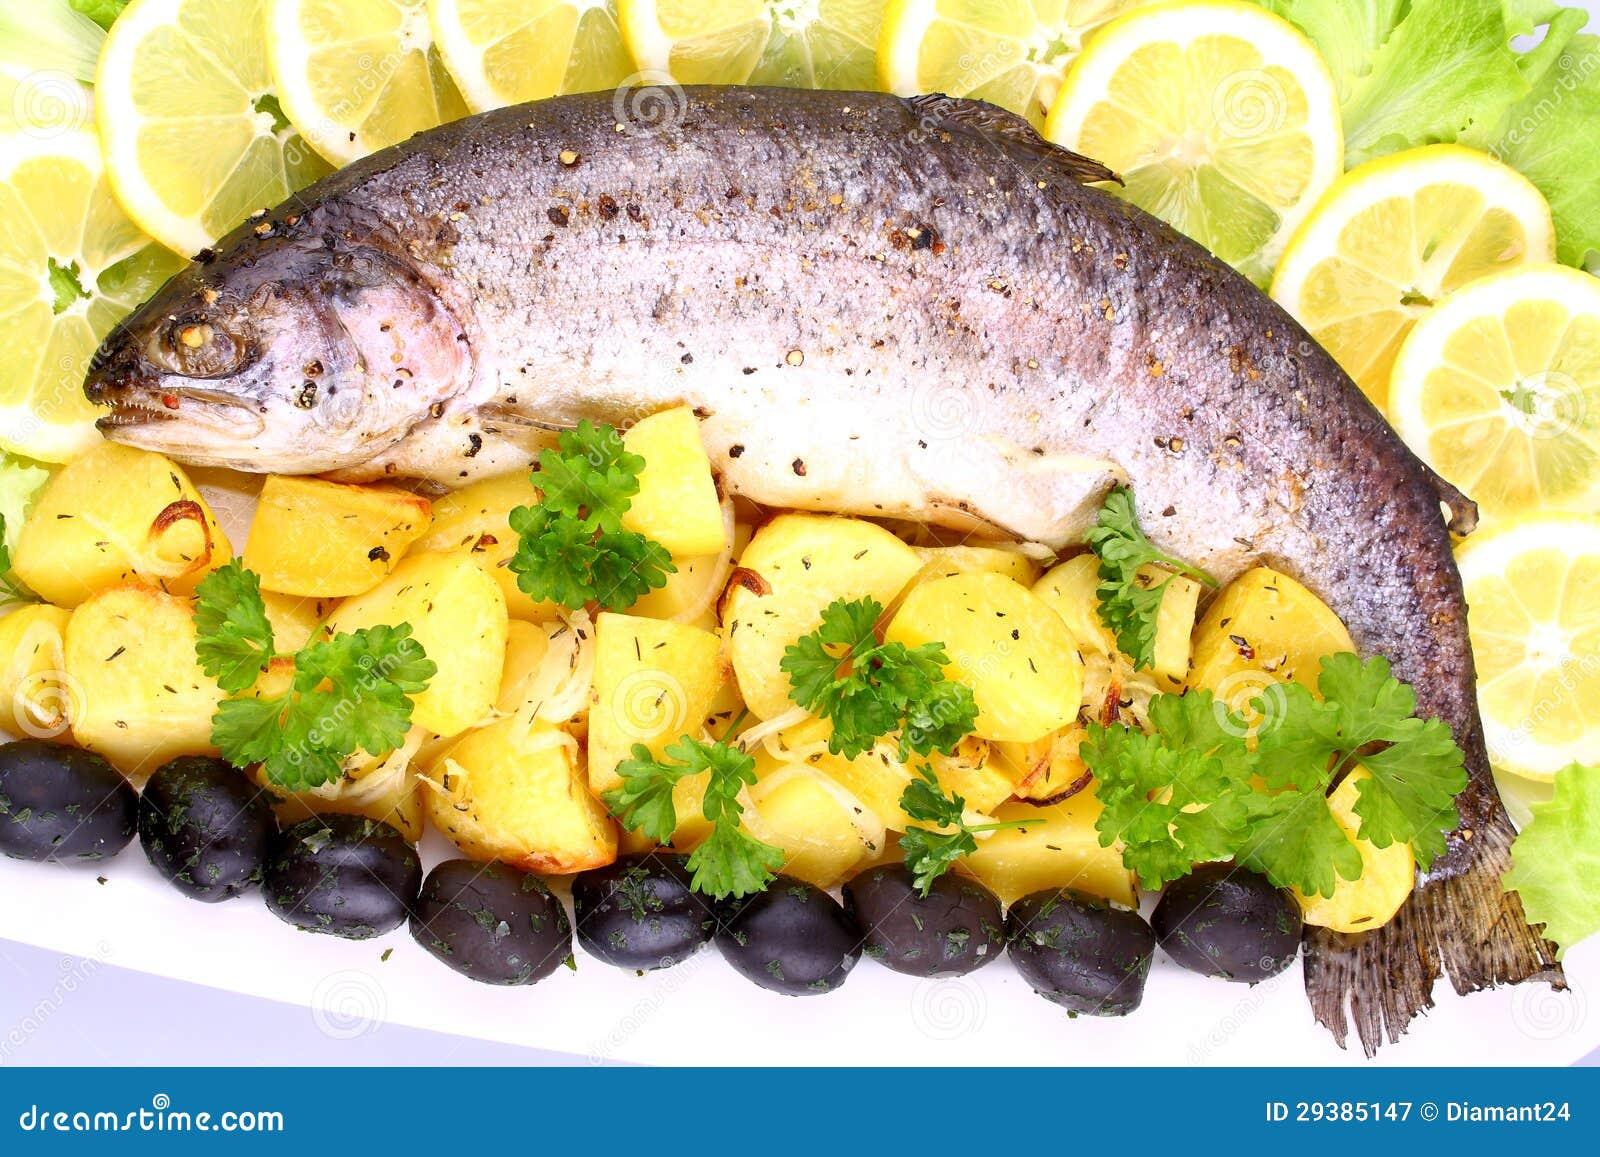 fisch mit kartoffeln fisch mit kartoffeln with fisch mit. Black Bedroom Furniture Sets. Home Design Ideas